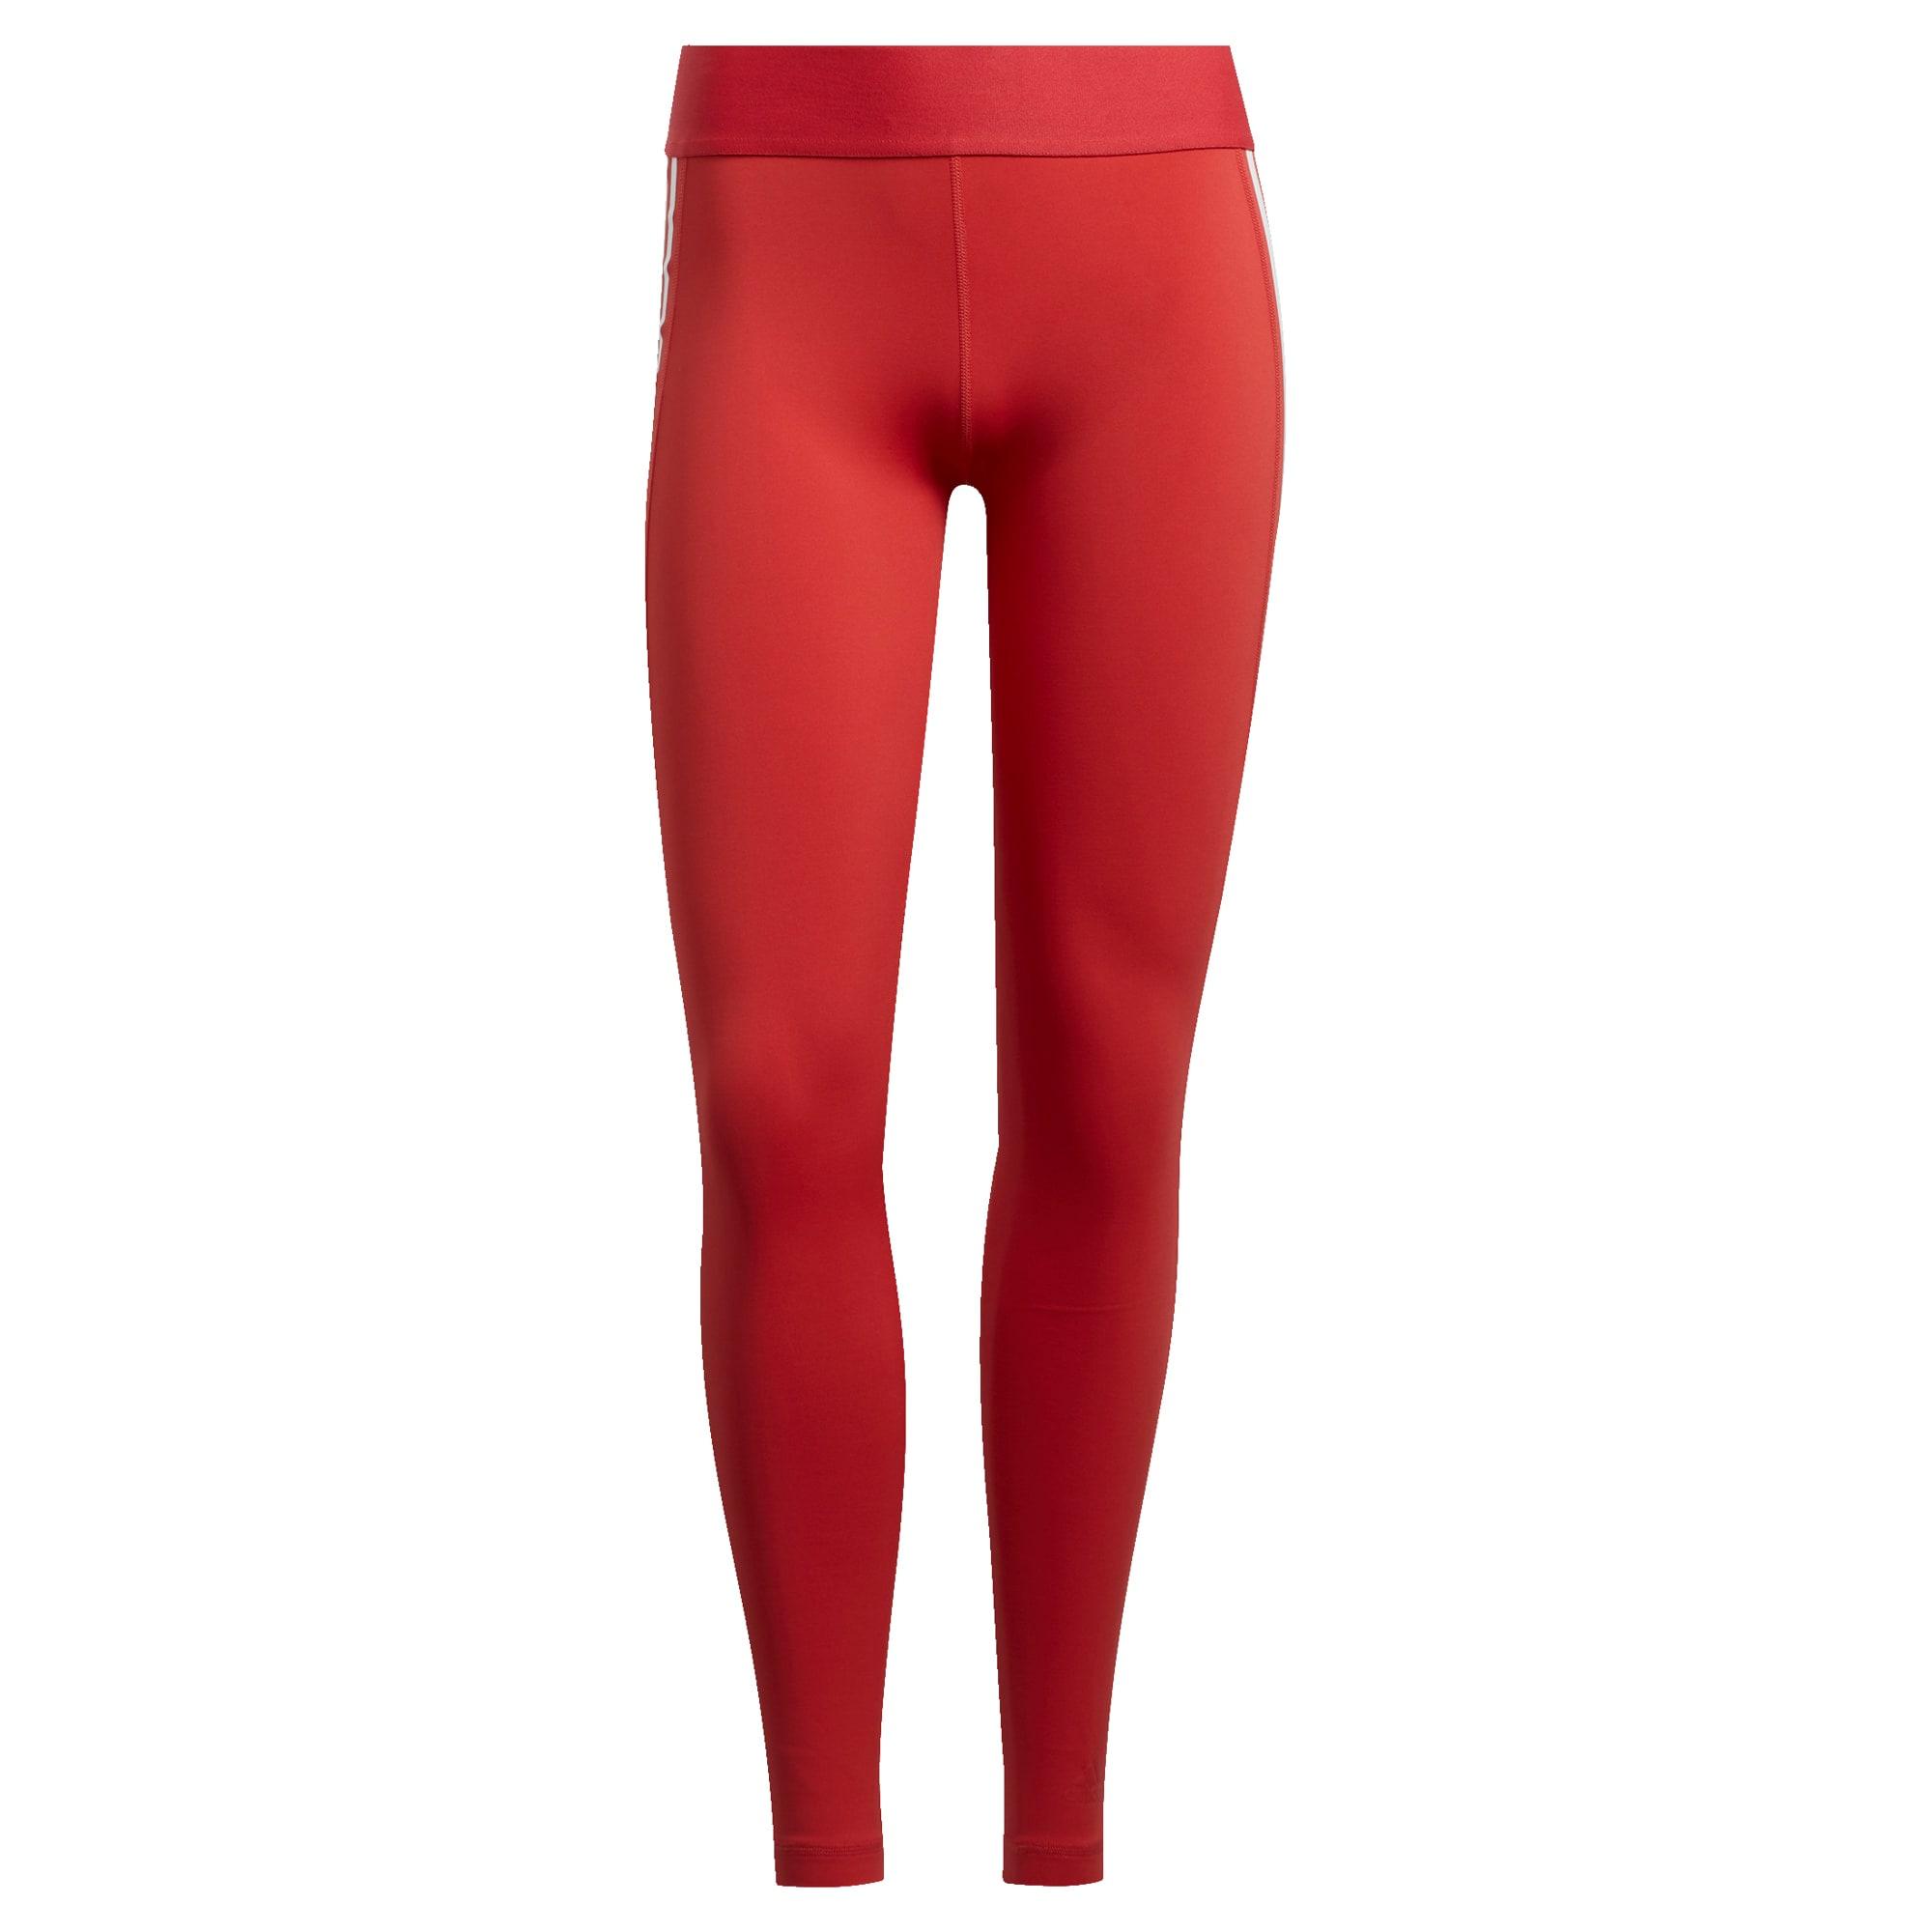 ADIDAS PERFORMANCE Sportinės kelnės tamsiai raudona